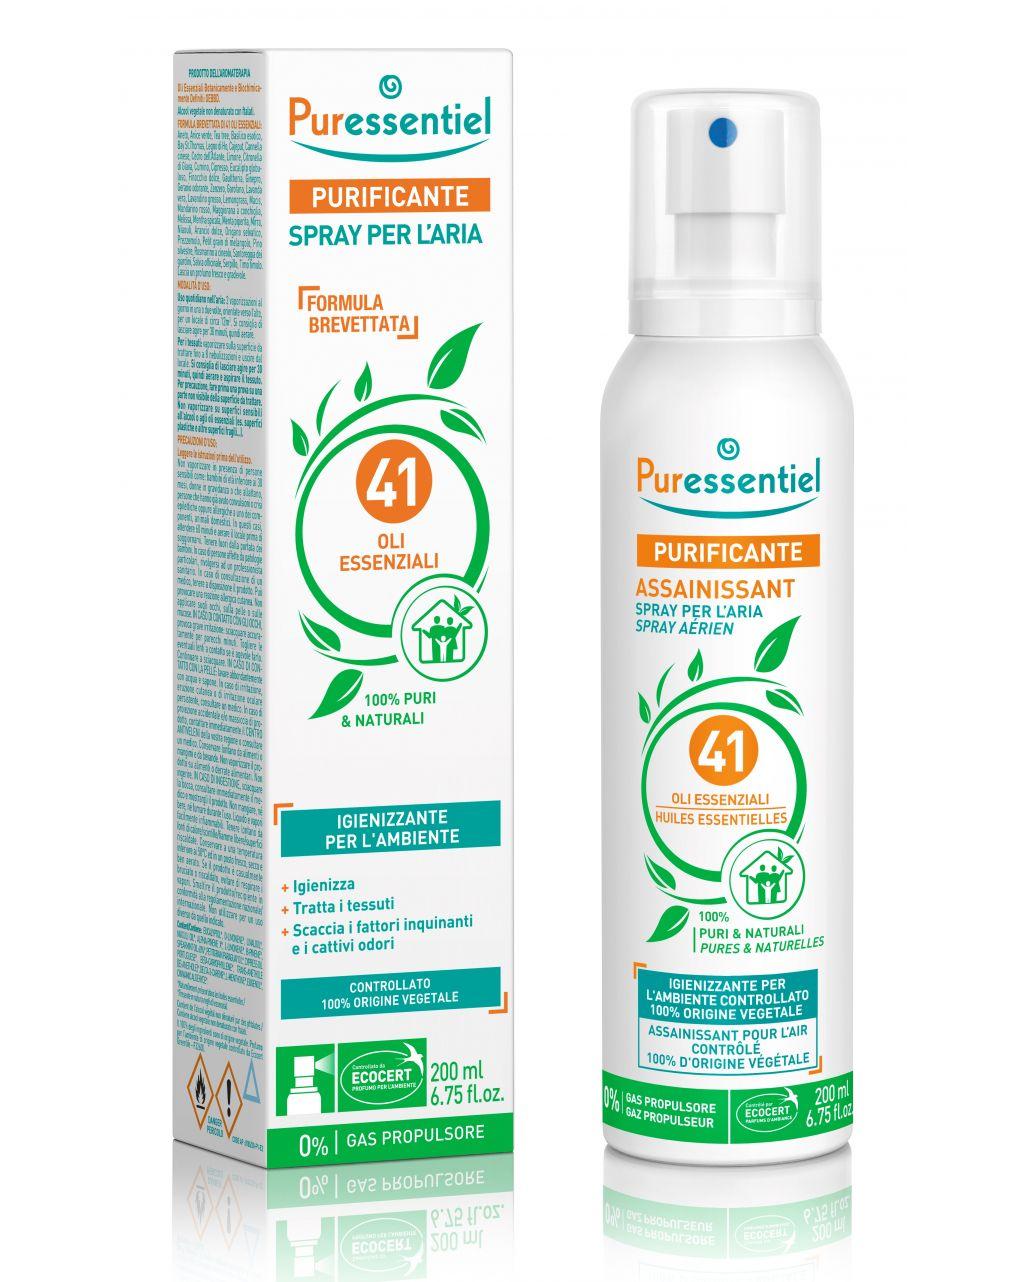 Spray purificante per l'aria 200ml - Puressentiel